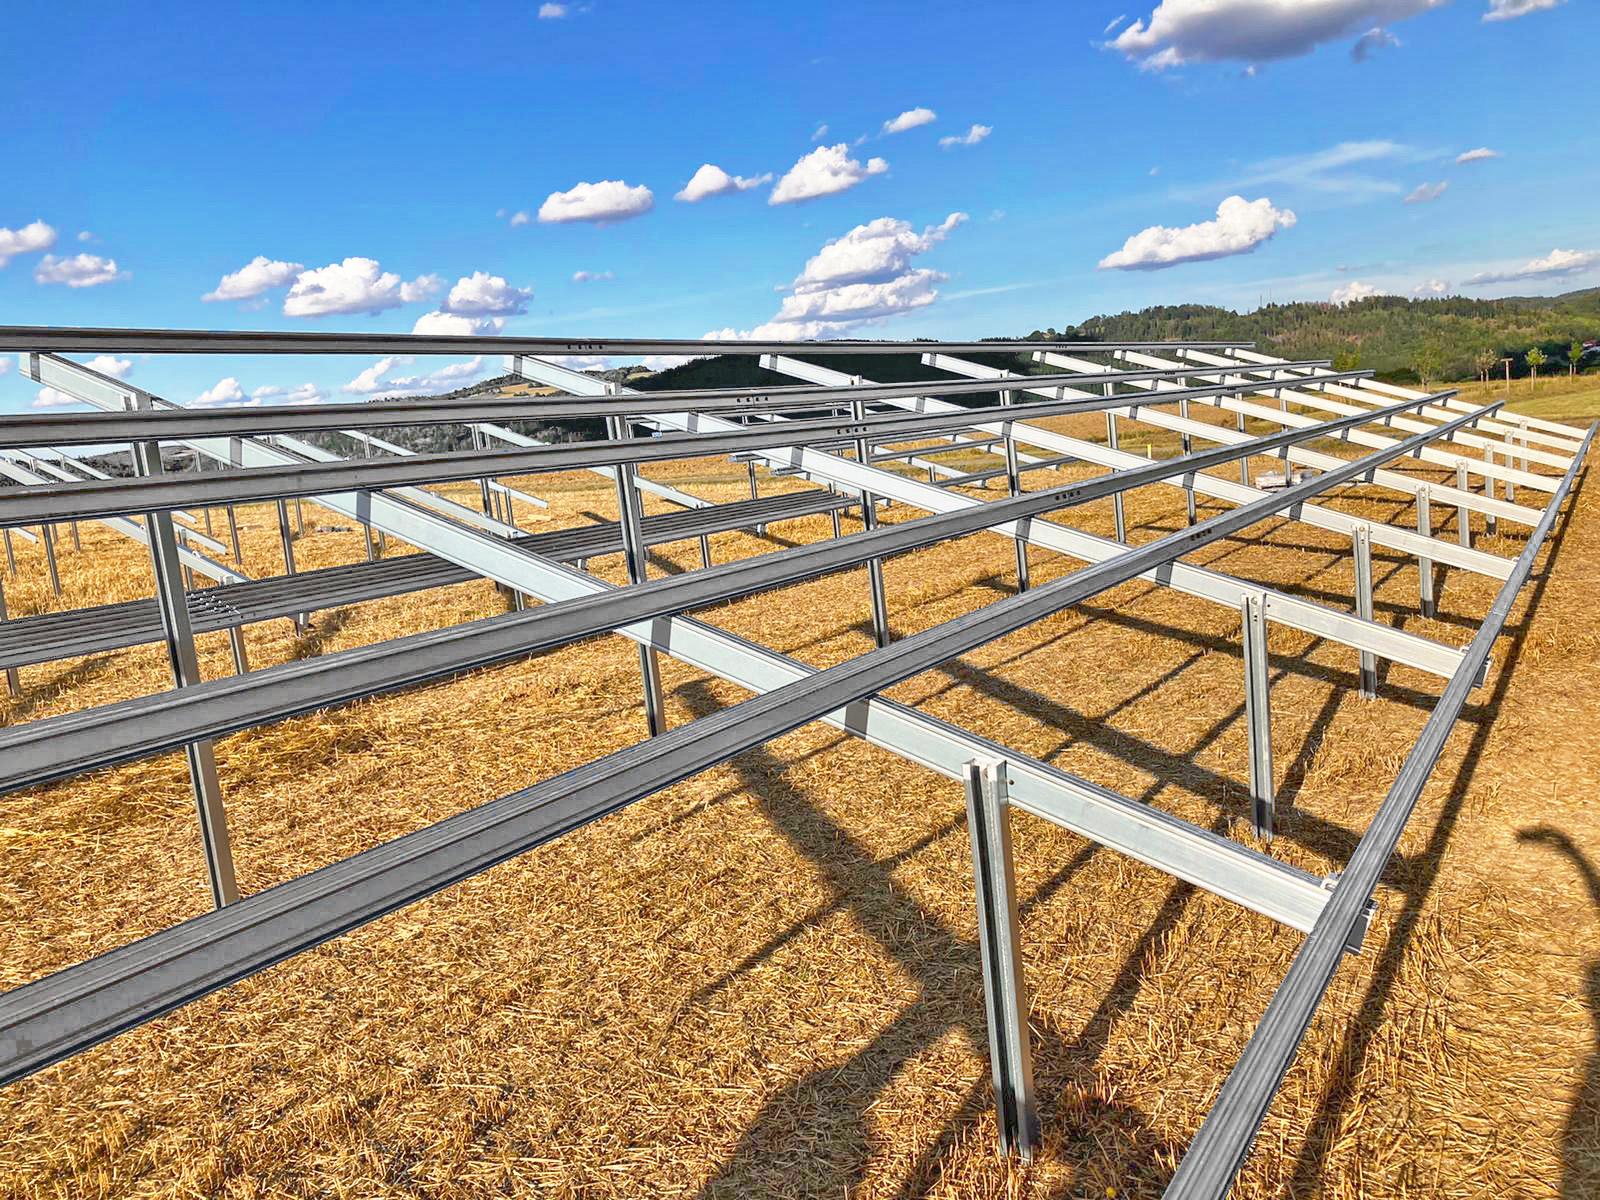 SL Rack Freiflächensystem - 3V | Standort: Bayern, Deutschland | Leistung: 3,5 MWp